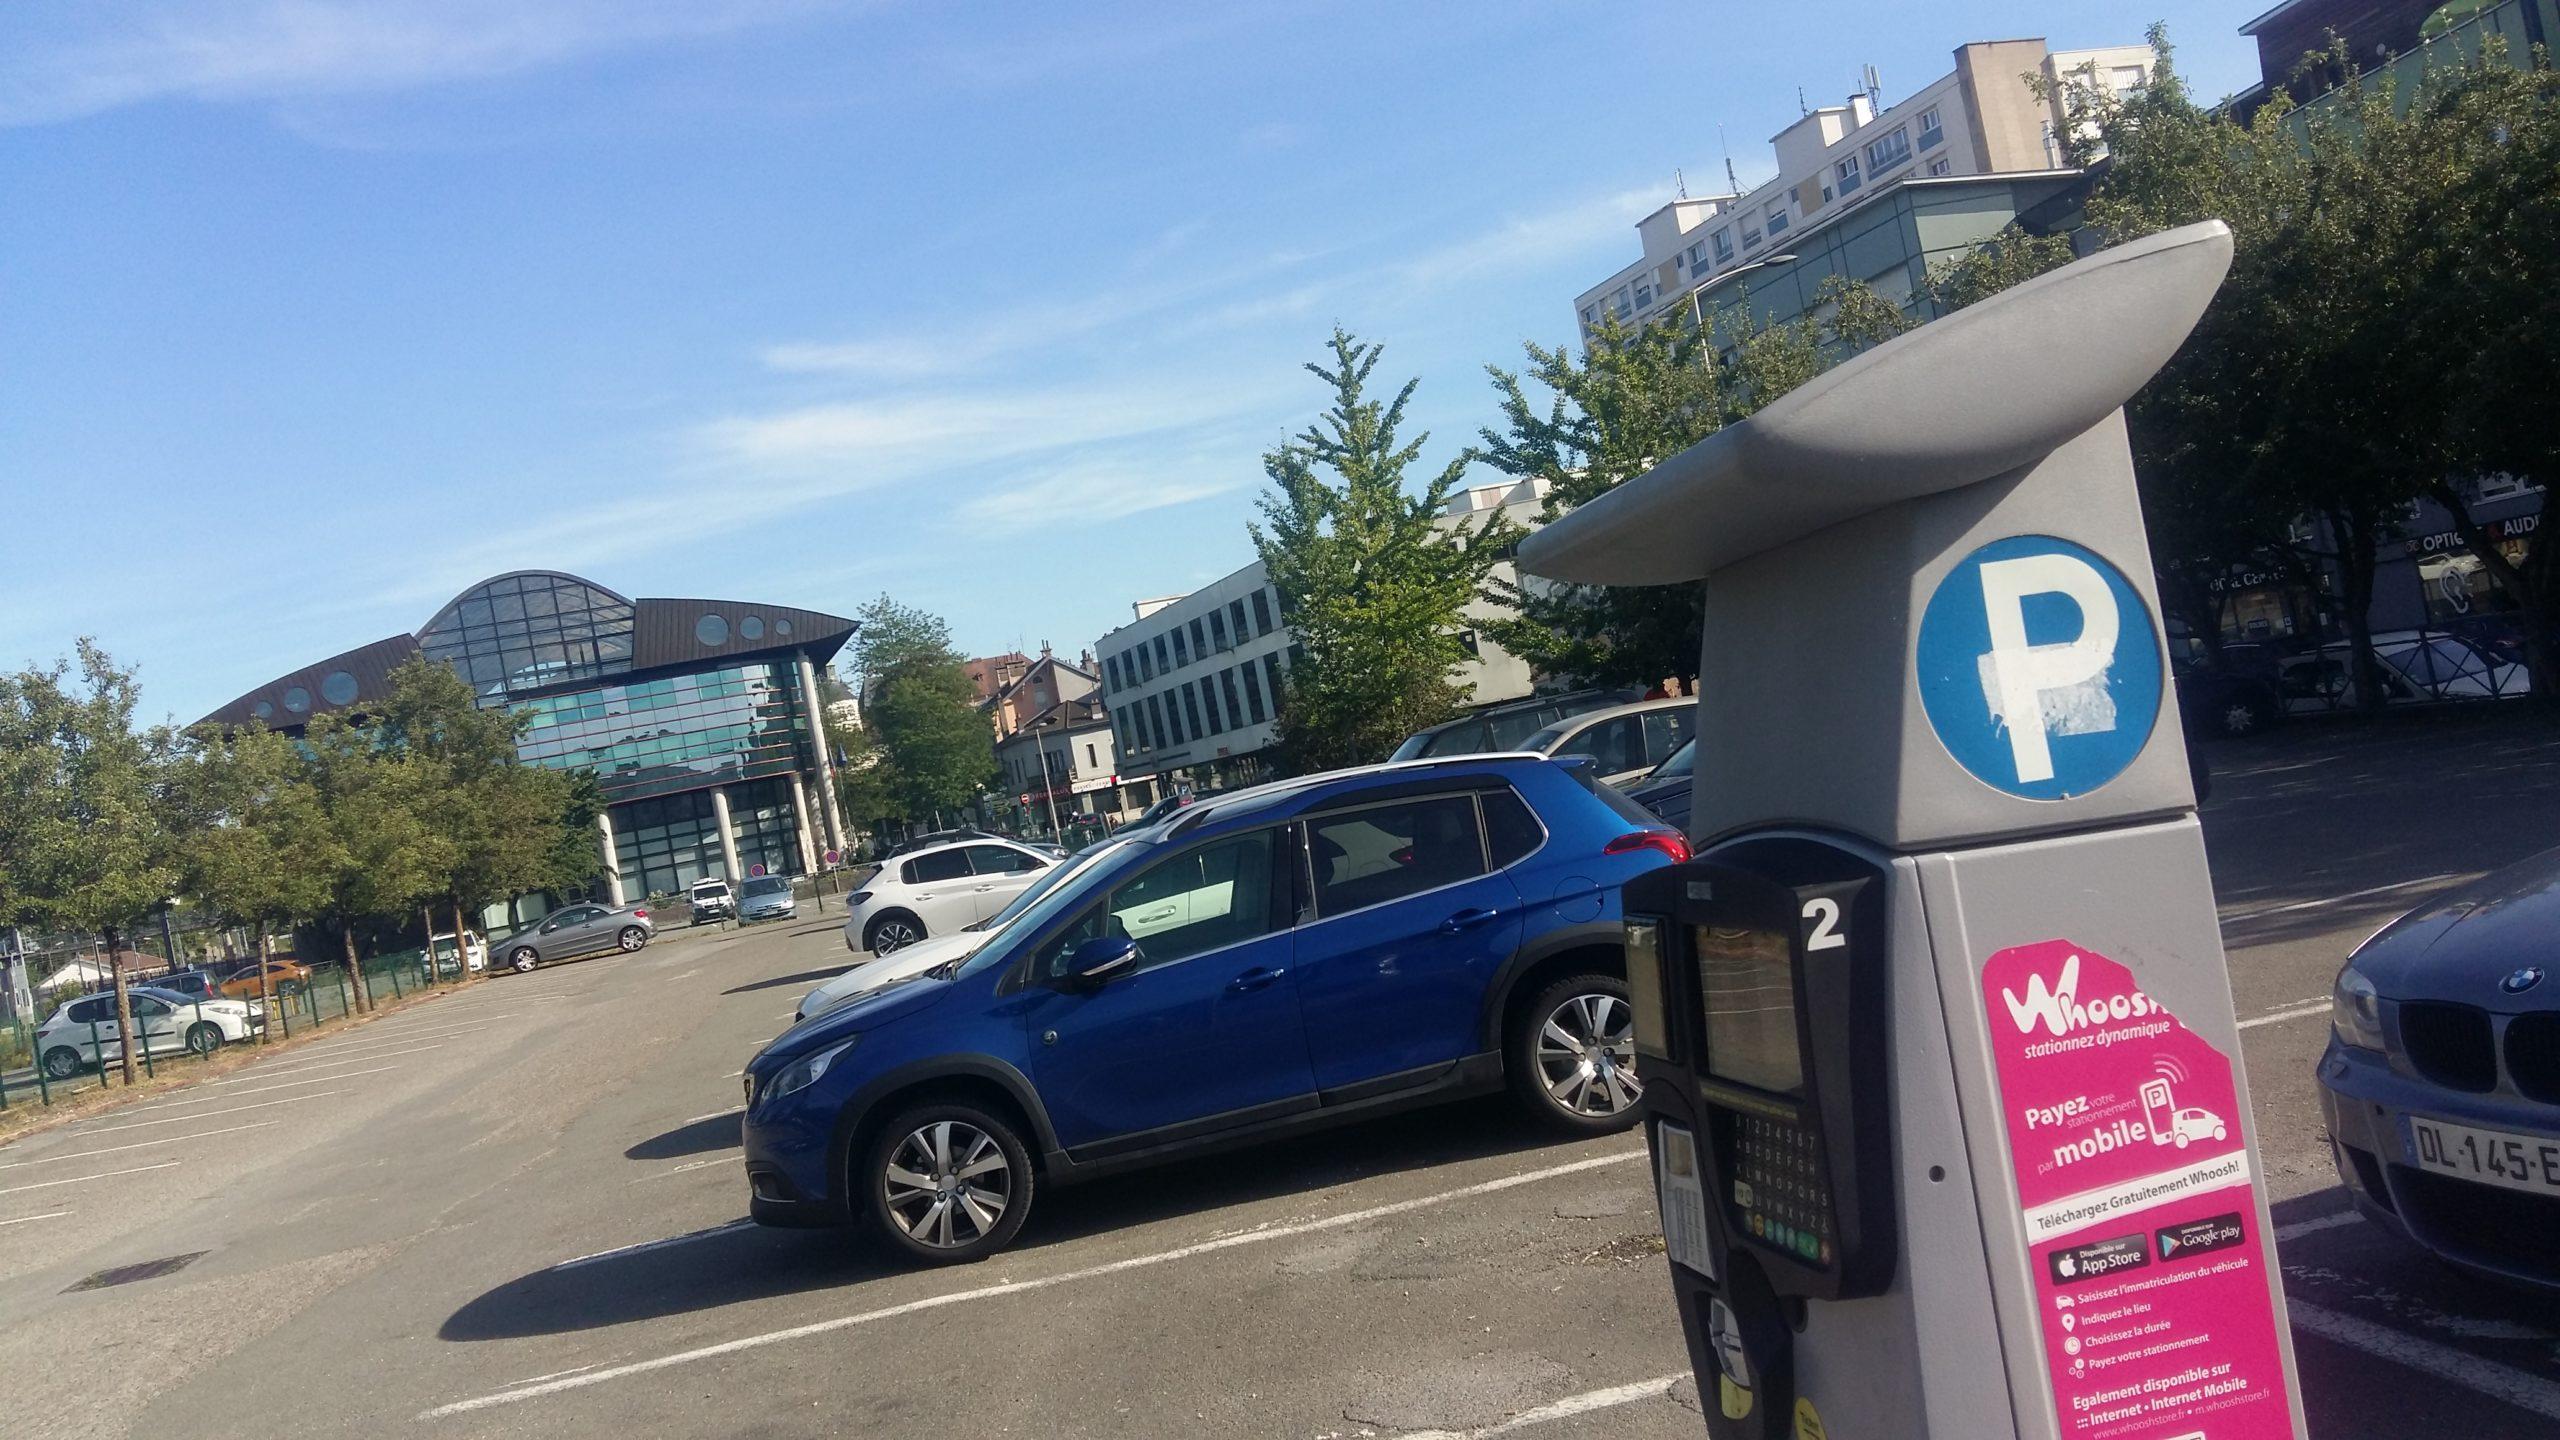 Le stationnement est gratuit à Montbéliard ce samedi 25 juillet.